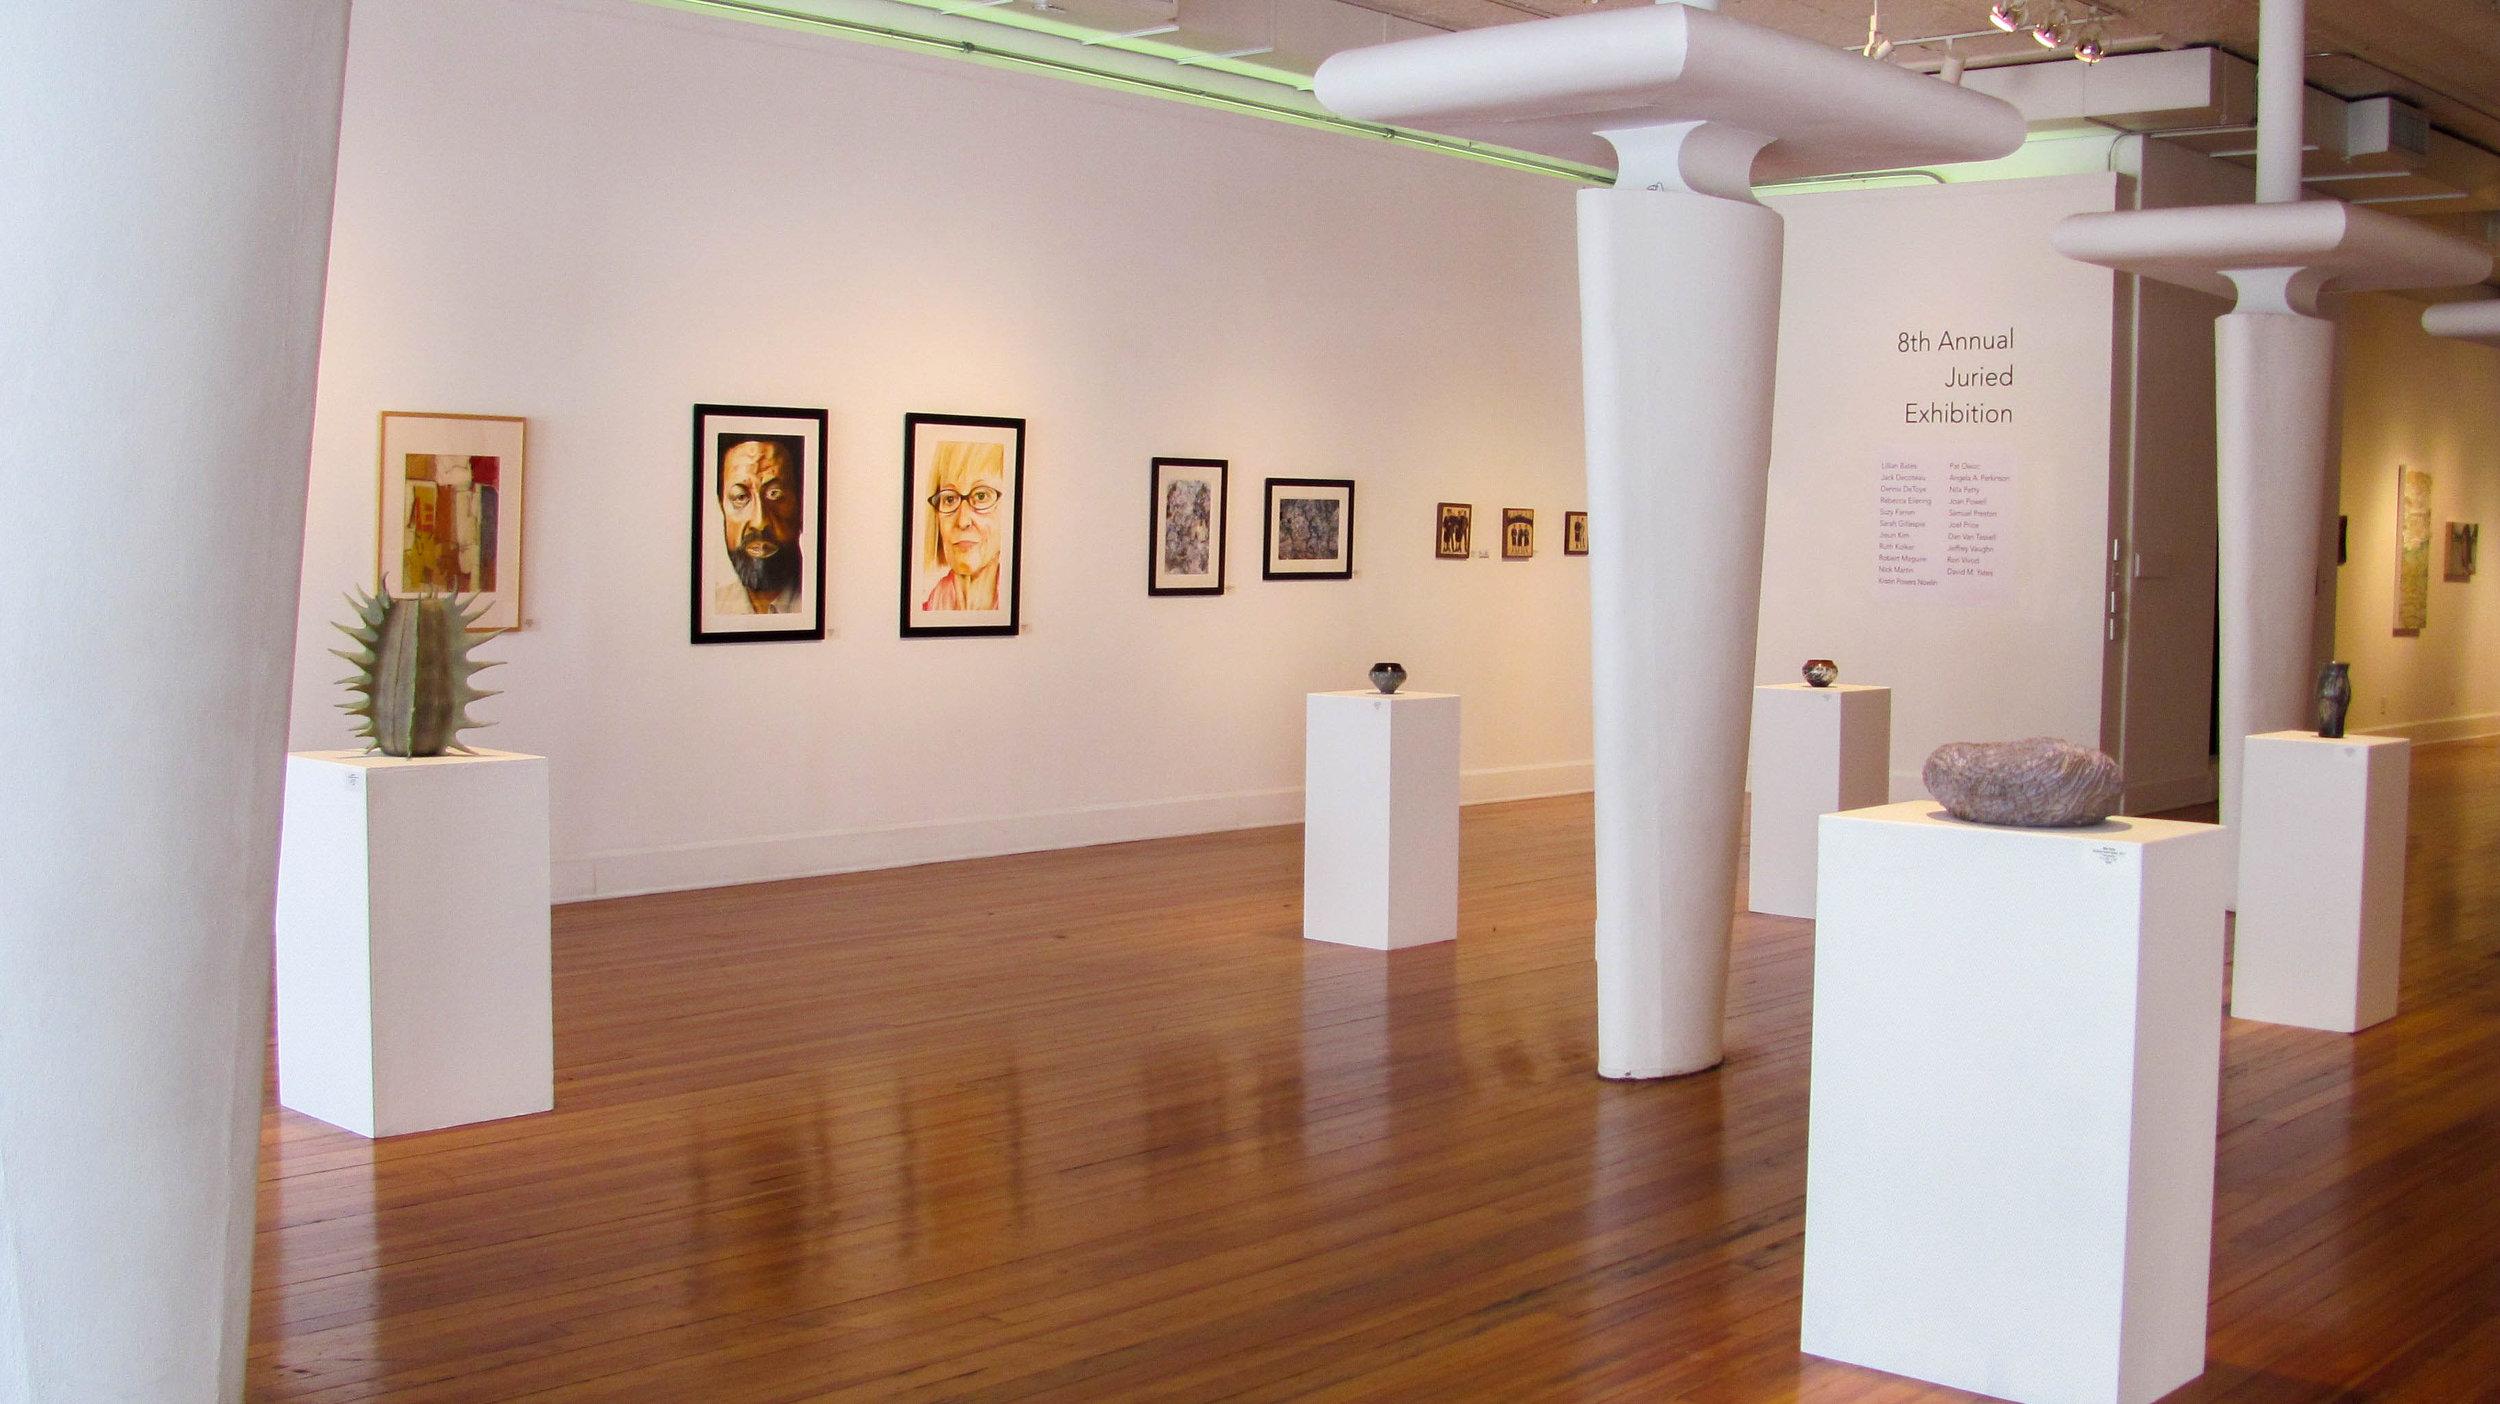 Jacoby Arts Center Alton, Illinois